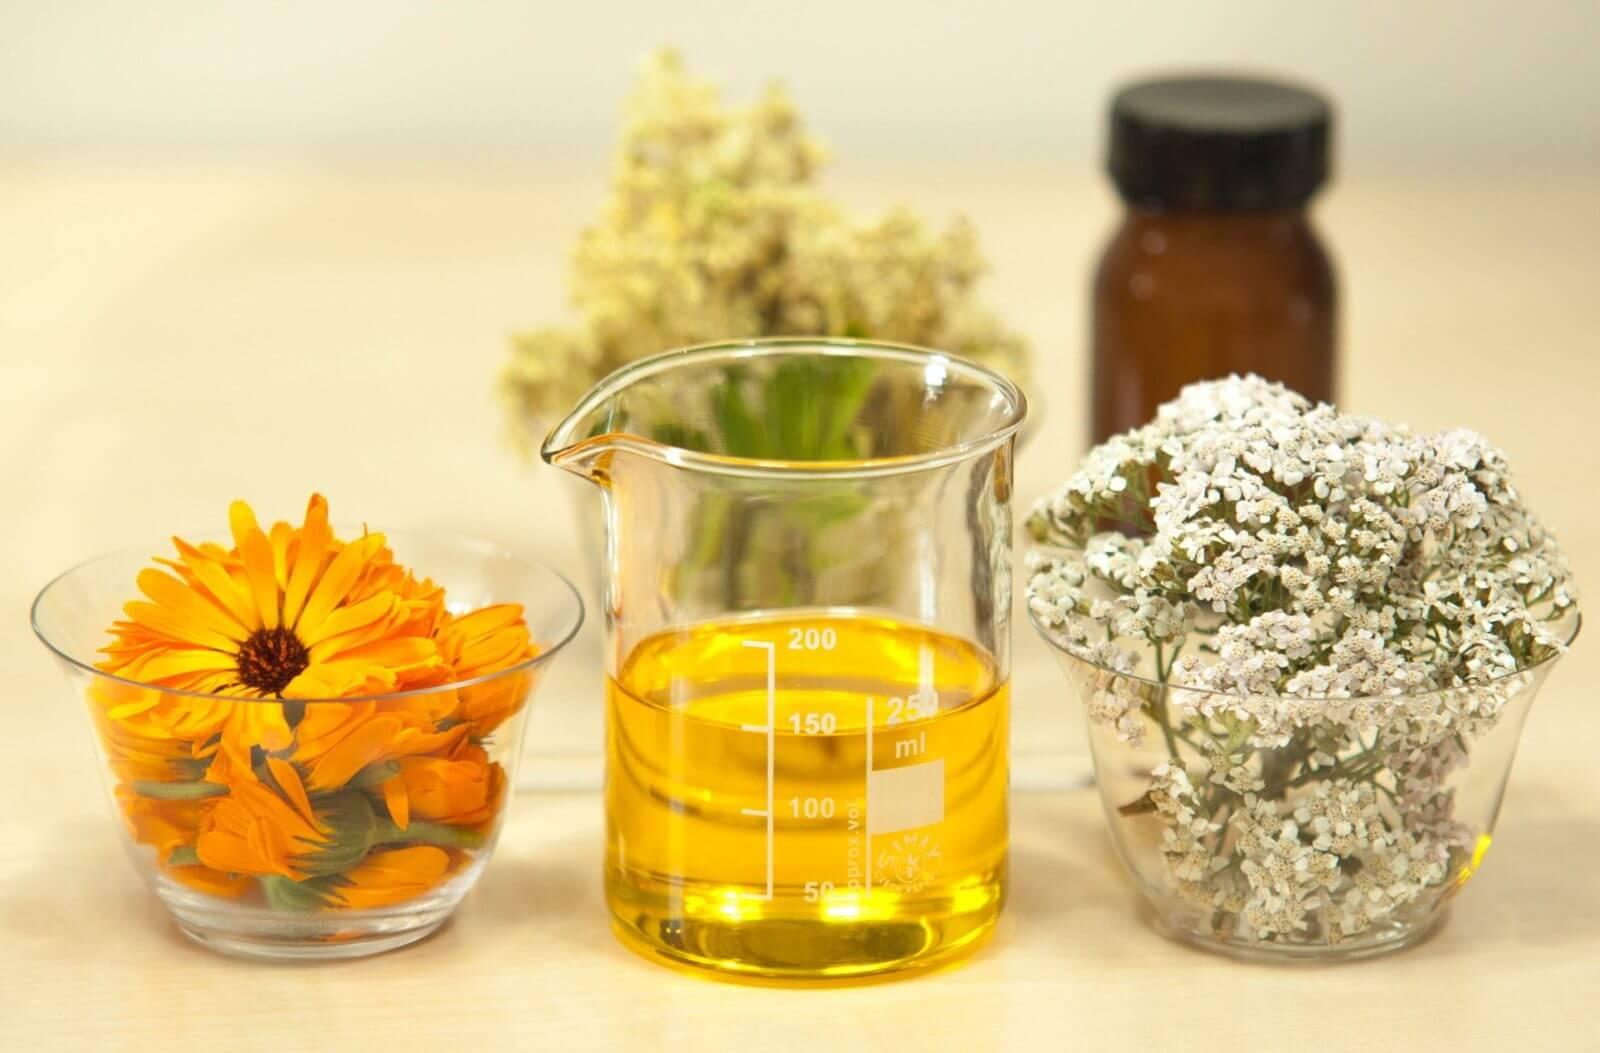 Les huiles végétales dans les cosmétiques naturels et bio